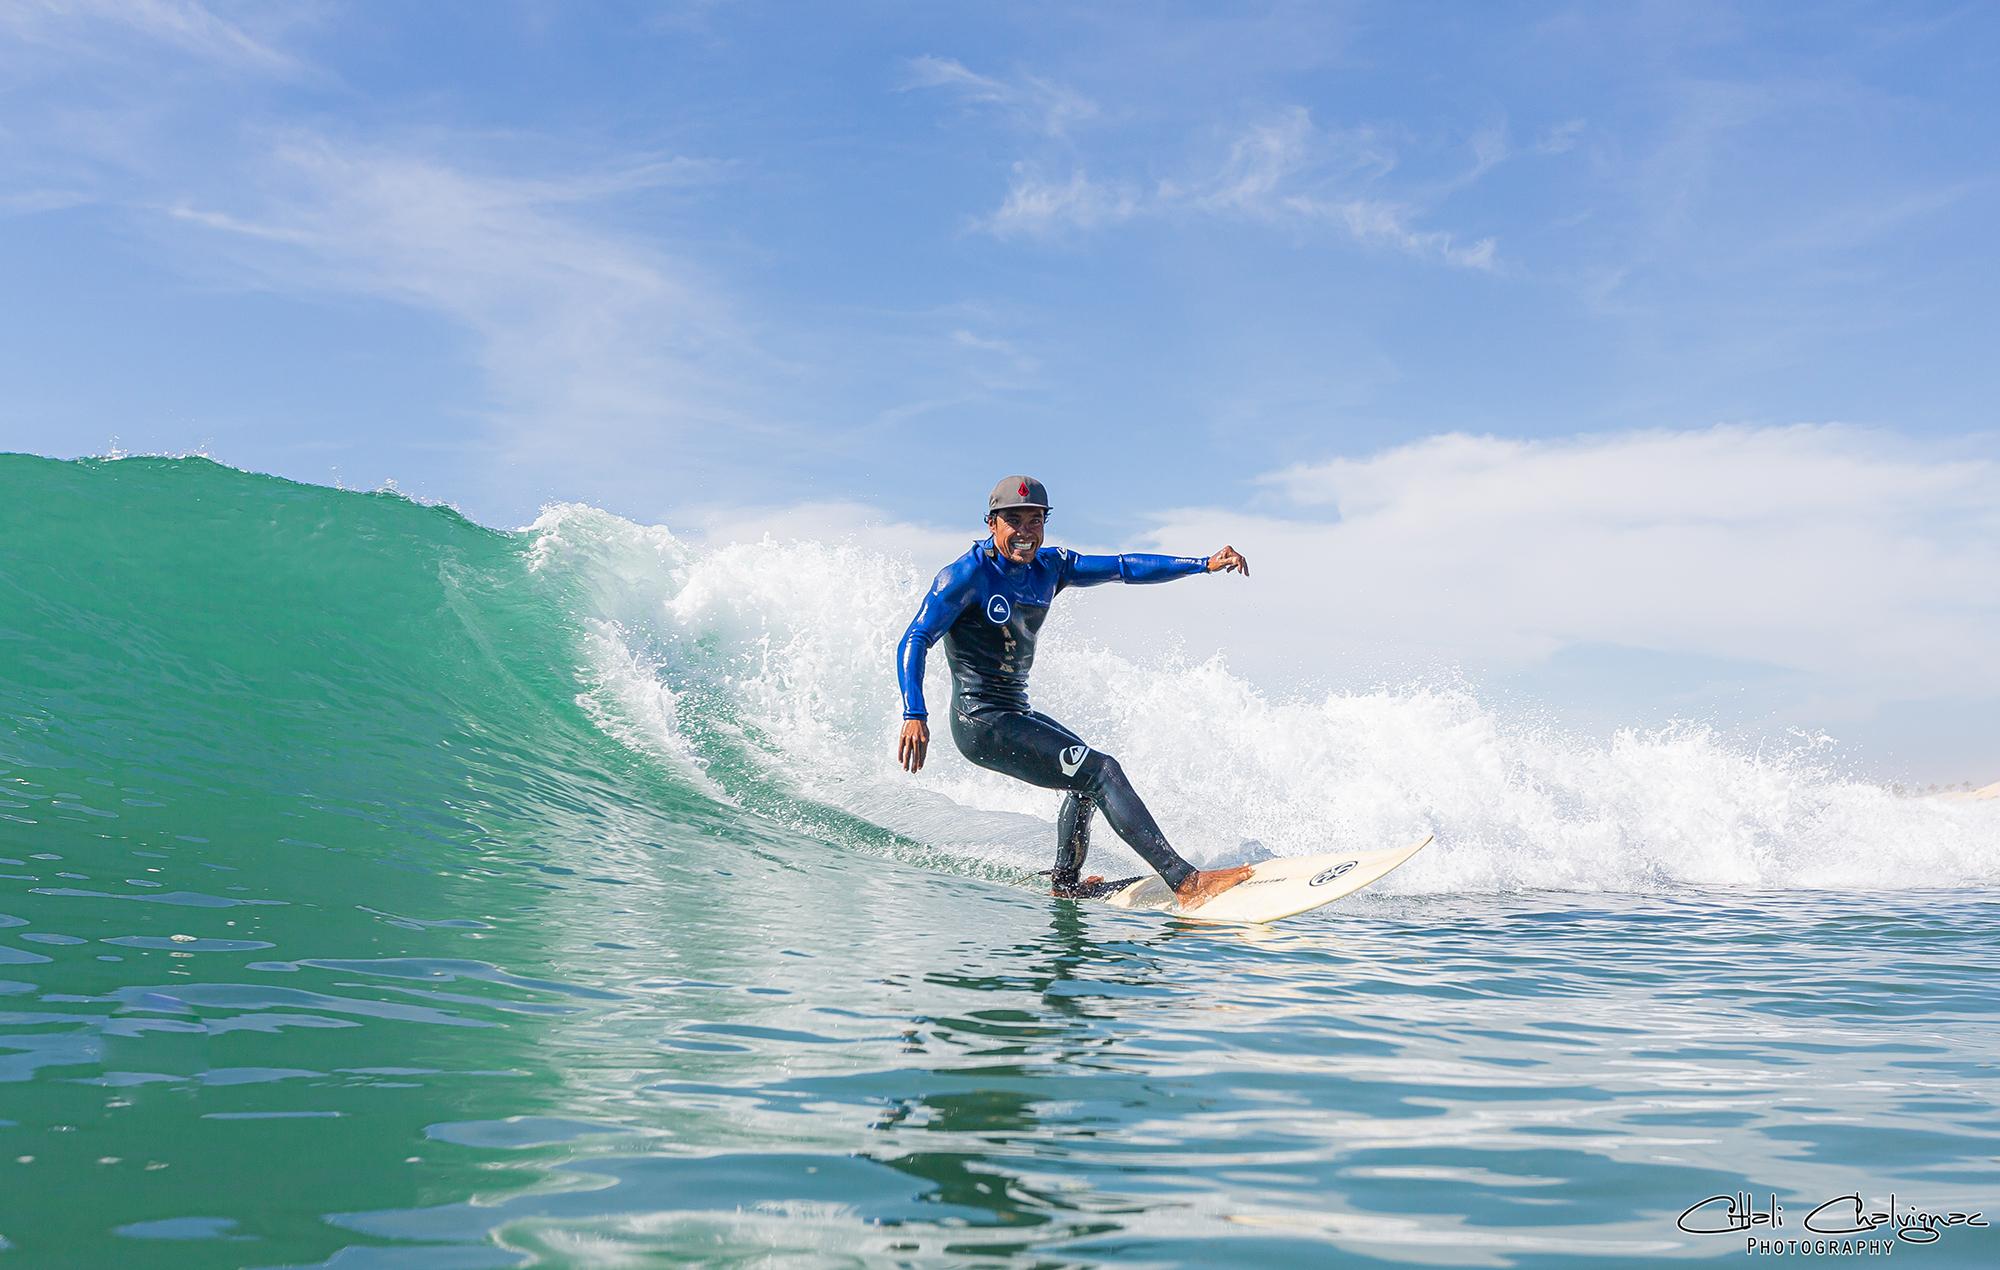 Galeria Surf imagen 10 Citlali Chalvignac